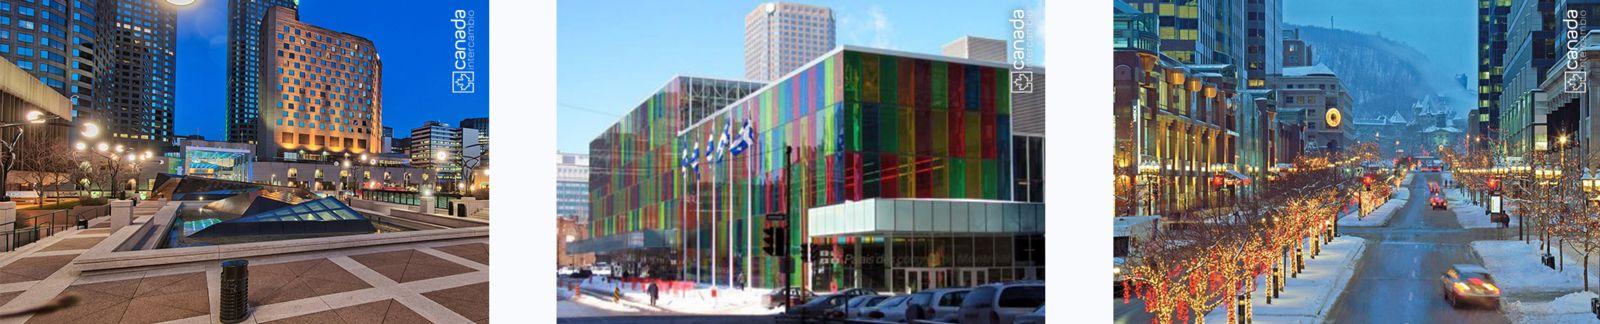 International Quartier, Montreal